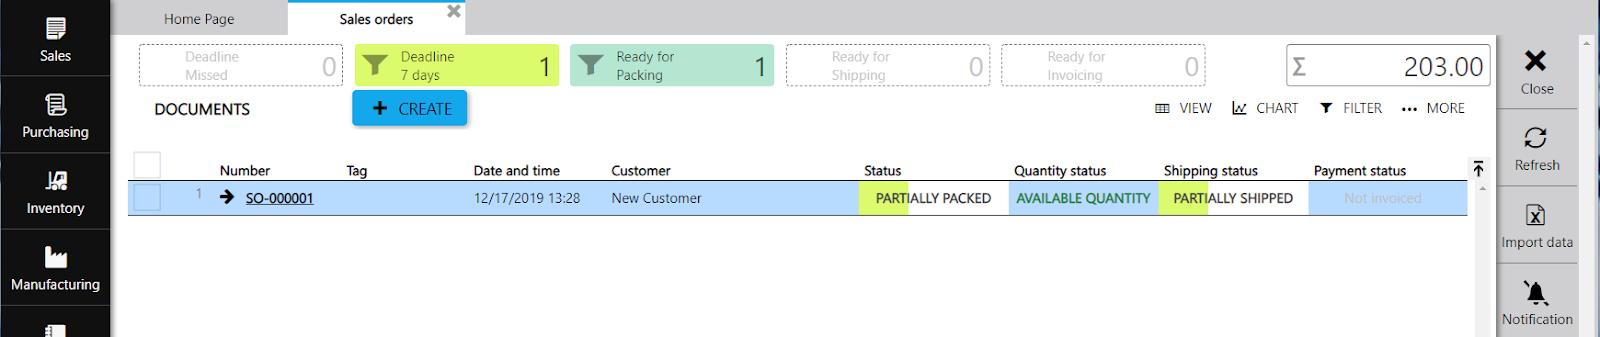 sales order statuses